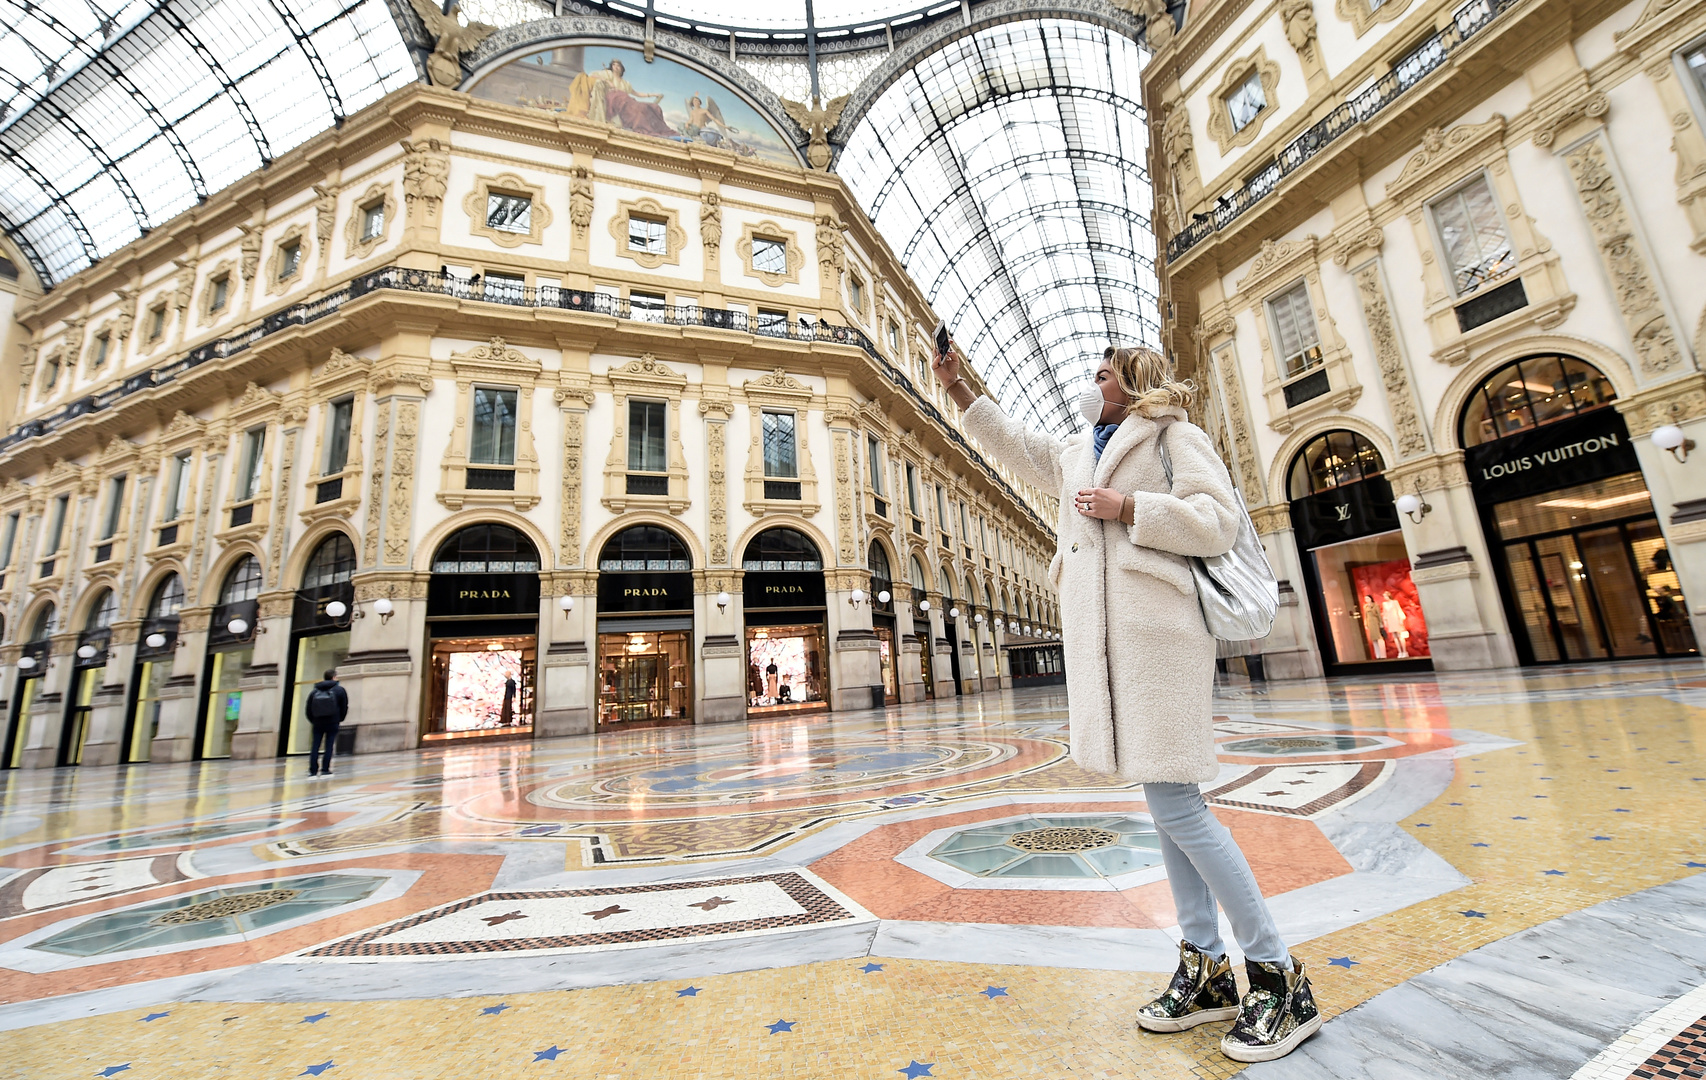 Eine Frau mit einer schützenden Gesichtsmaske schießt in der menschenleeren Galleria Vittorio Emanuele II Selfies, nachdem in Mailand ein Dekret erlassen wurde, das ganz Italien zu einem beispiellosen Vorgehen gegen das Coronavirus zwingt.